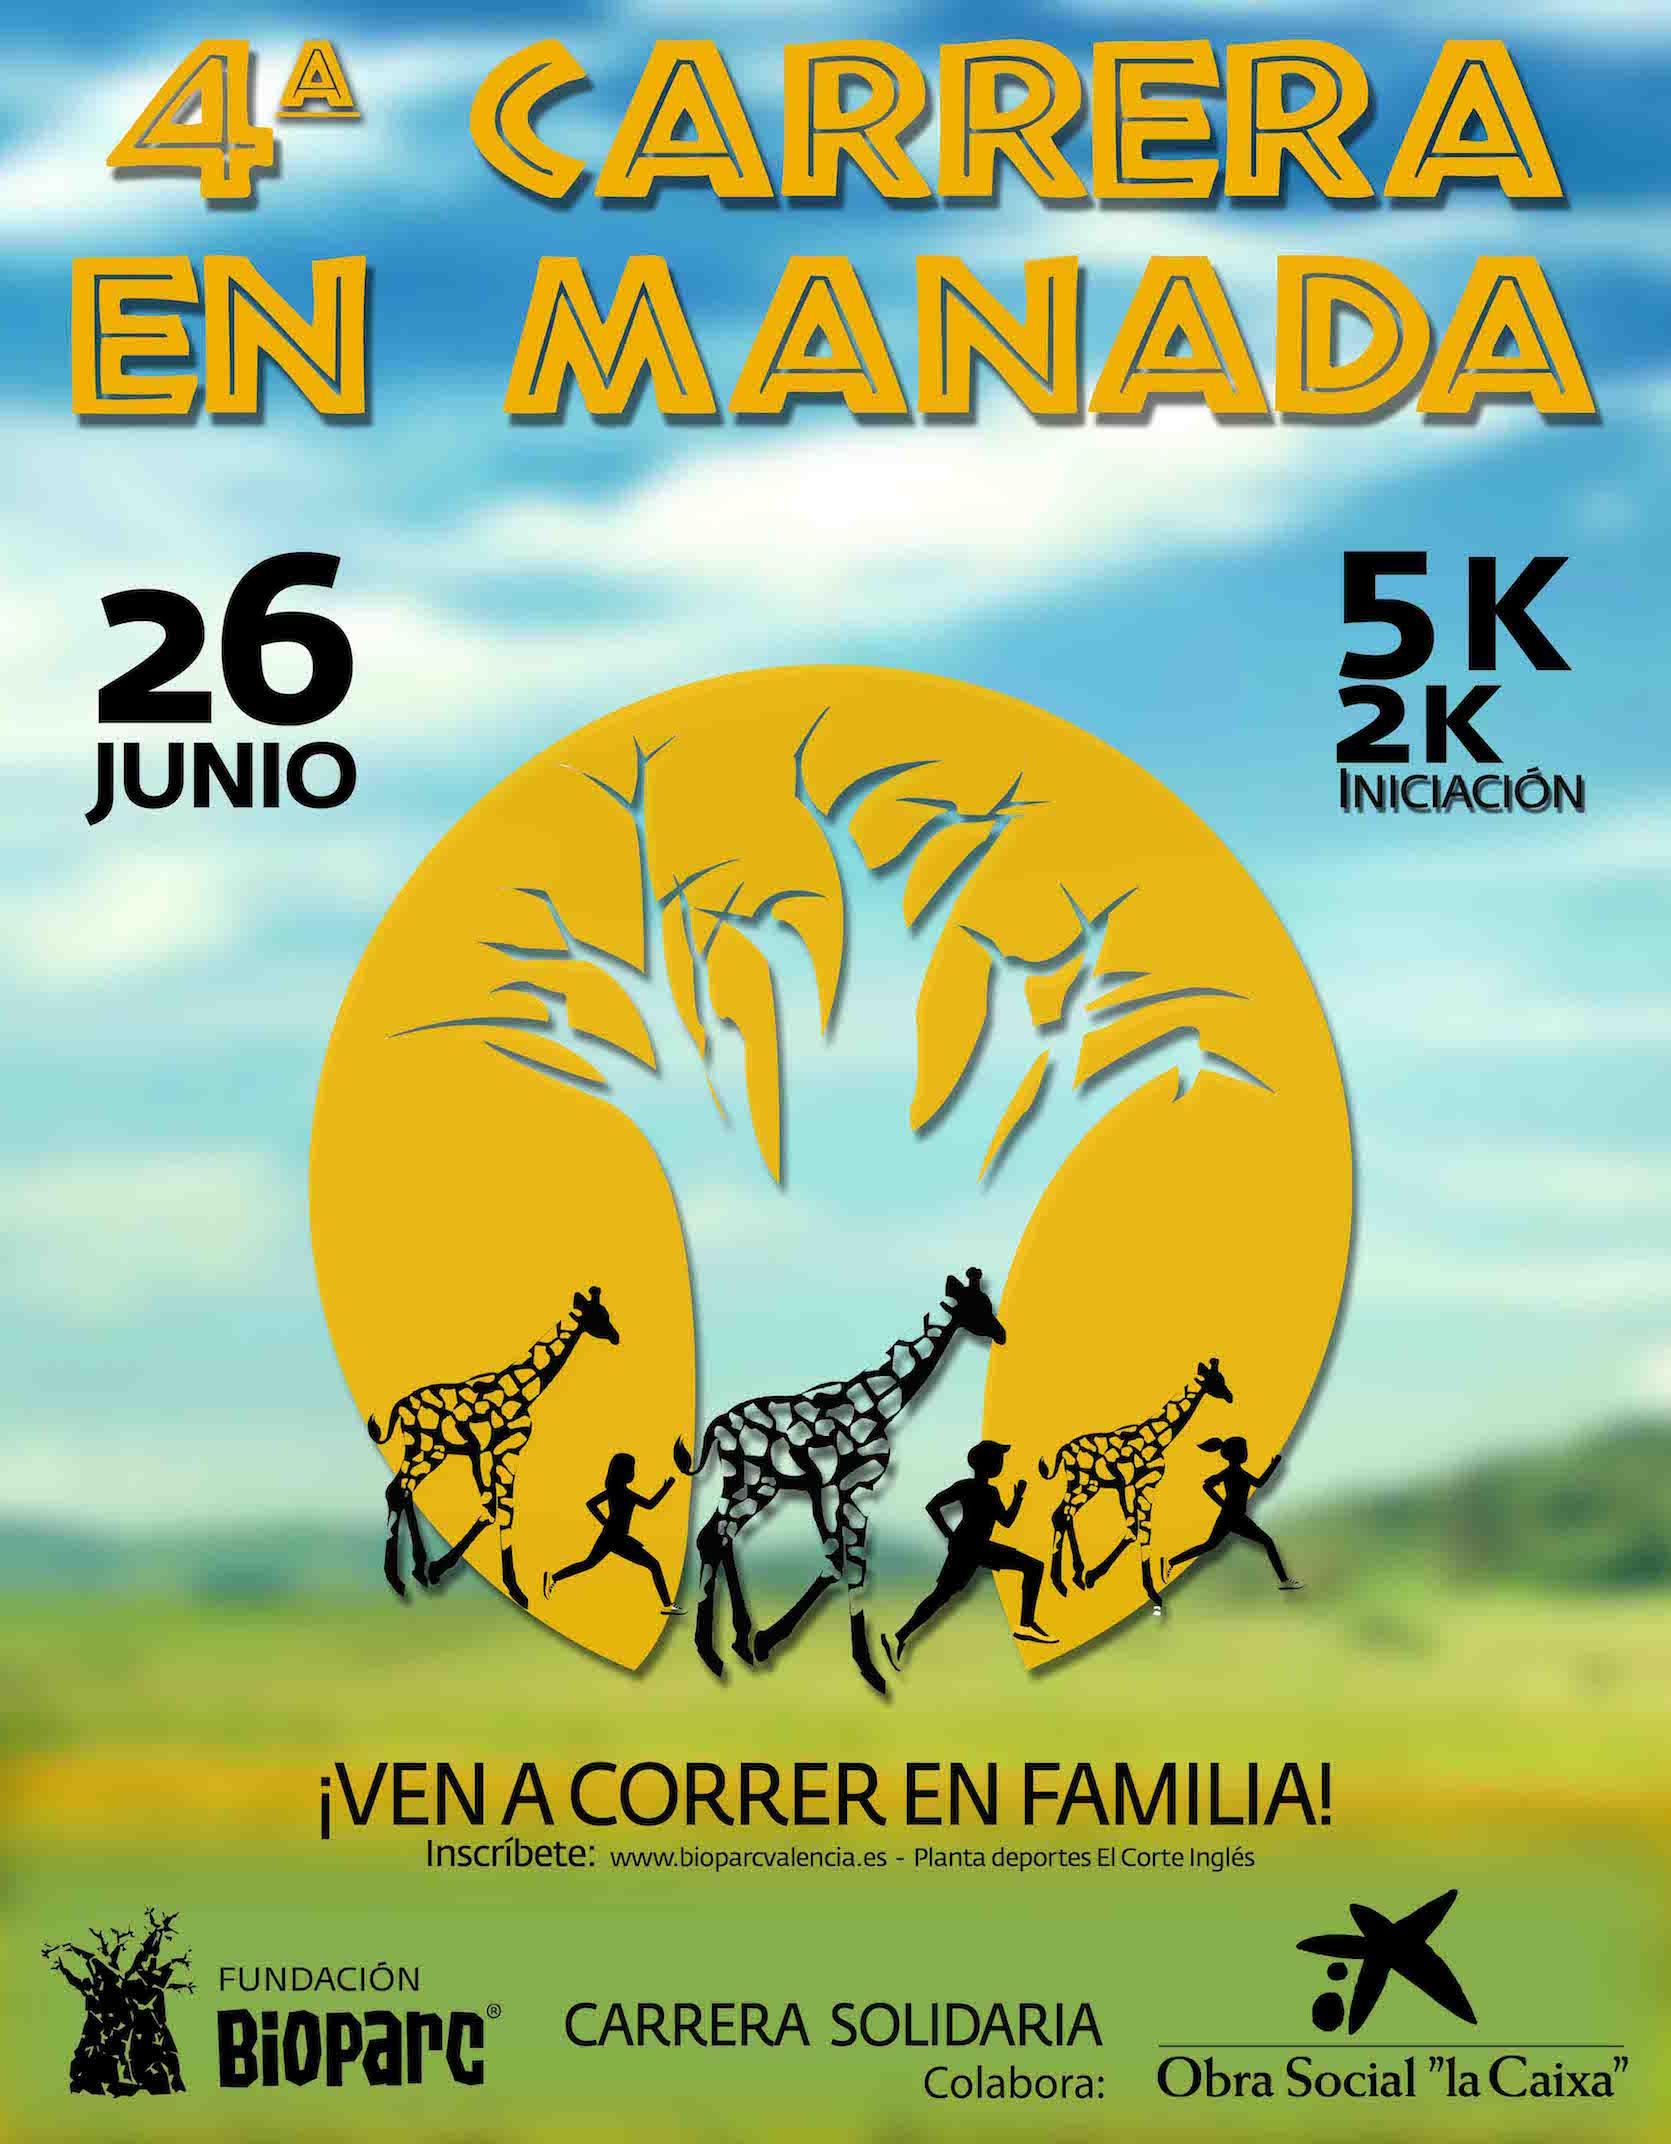 4 carrera en manada bioparc valencia you valencia - Telefono bioparc valencia ...